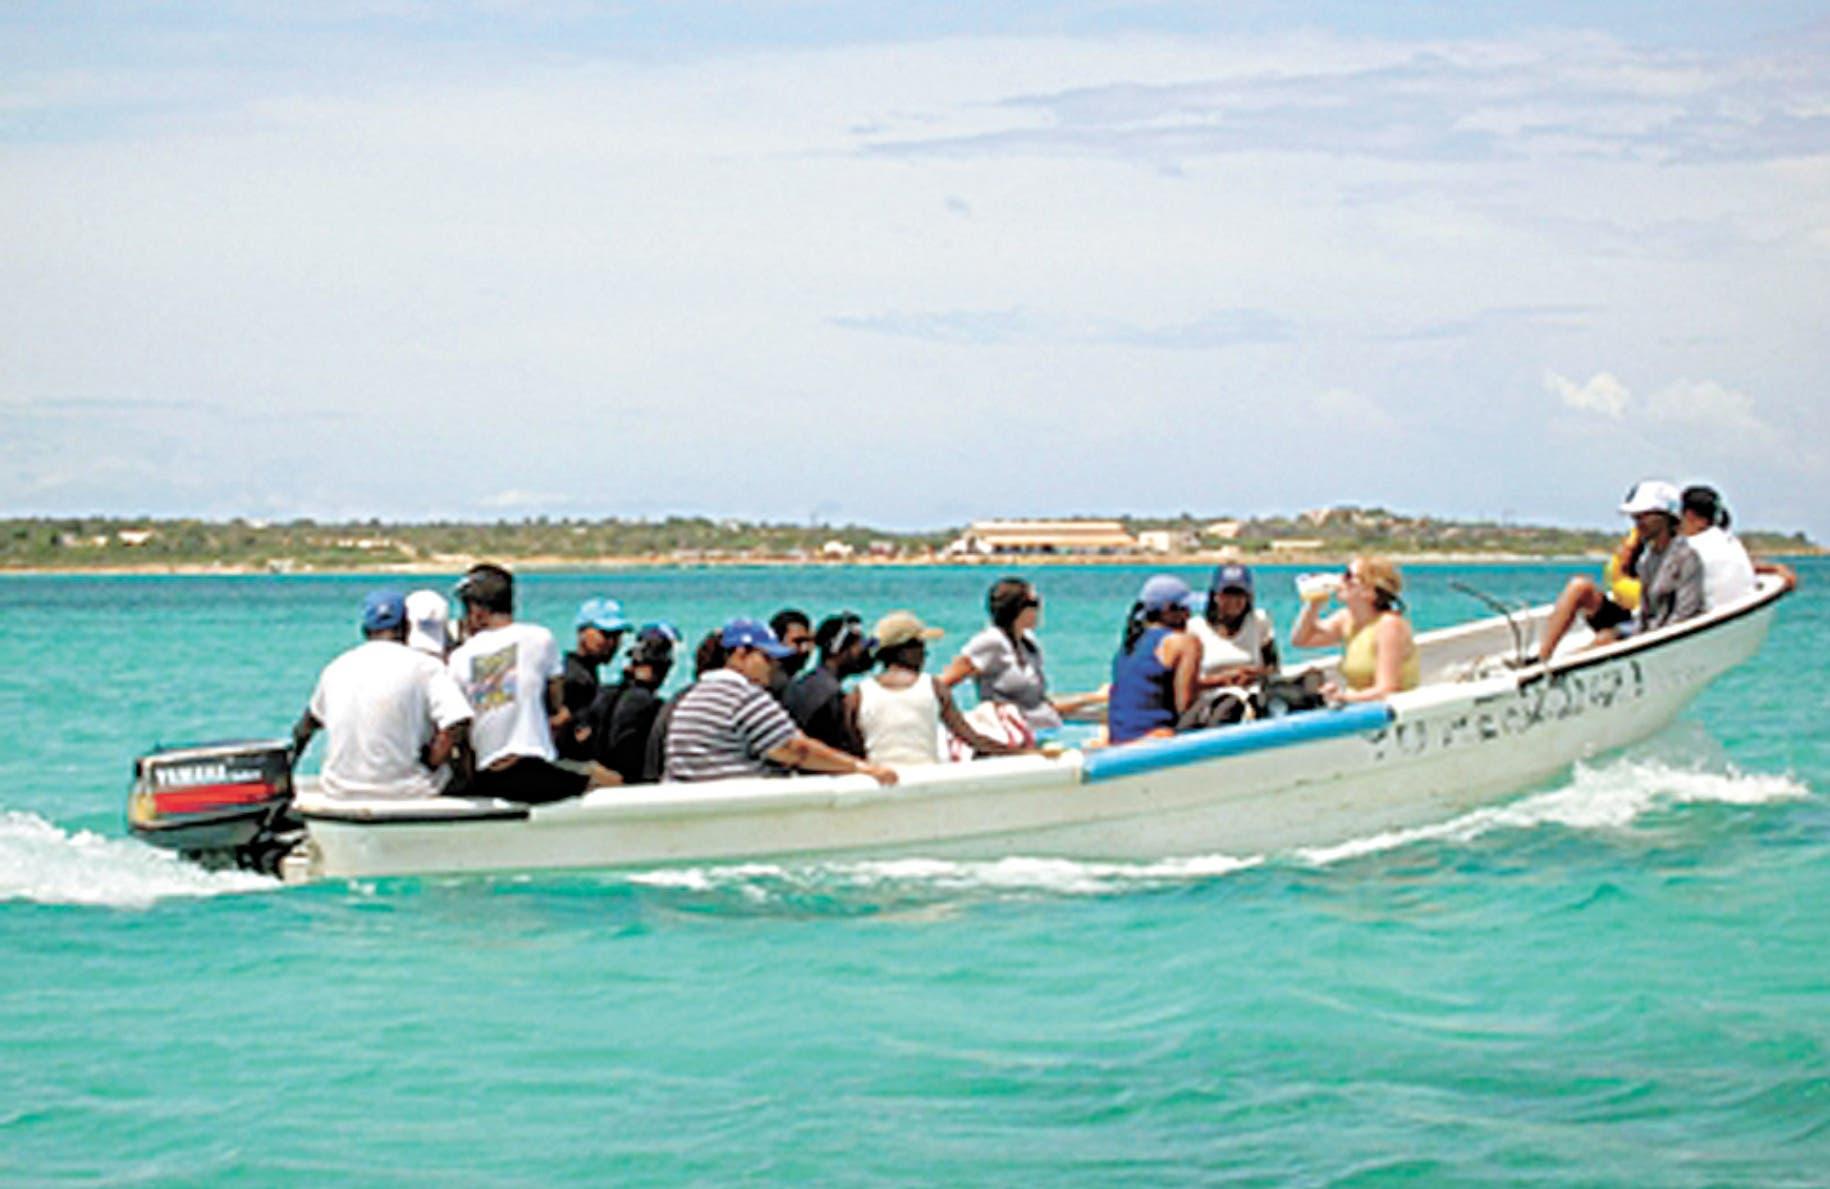 Los inmigrantes indocumentados generalmente se lanzan al mar o son transportados por traficantes en rústicas embarcaciones conocidas como yolas hasta Puerto Rico, en un peligroso recorrido de 130 kilómetros de mar repleto de tiburones.